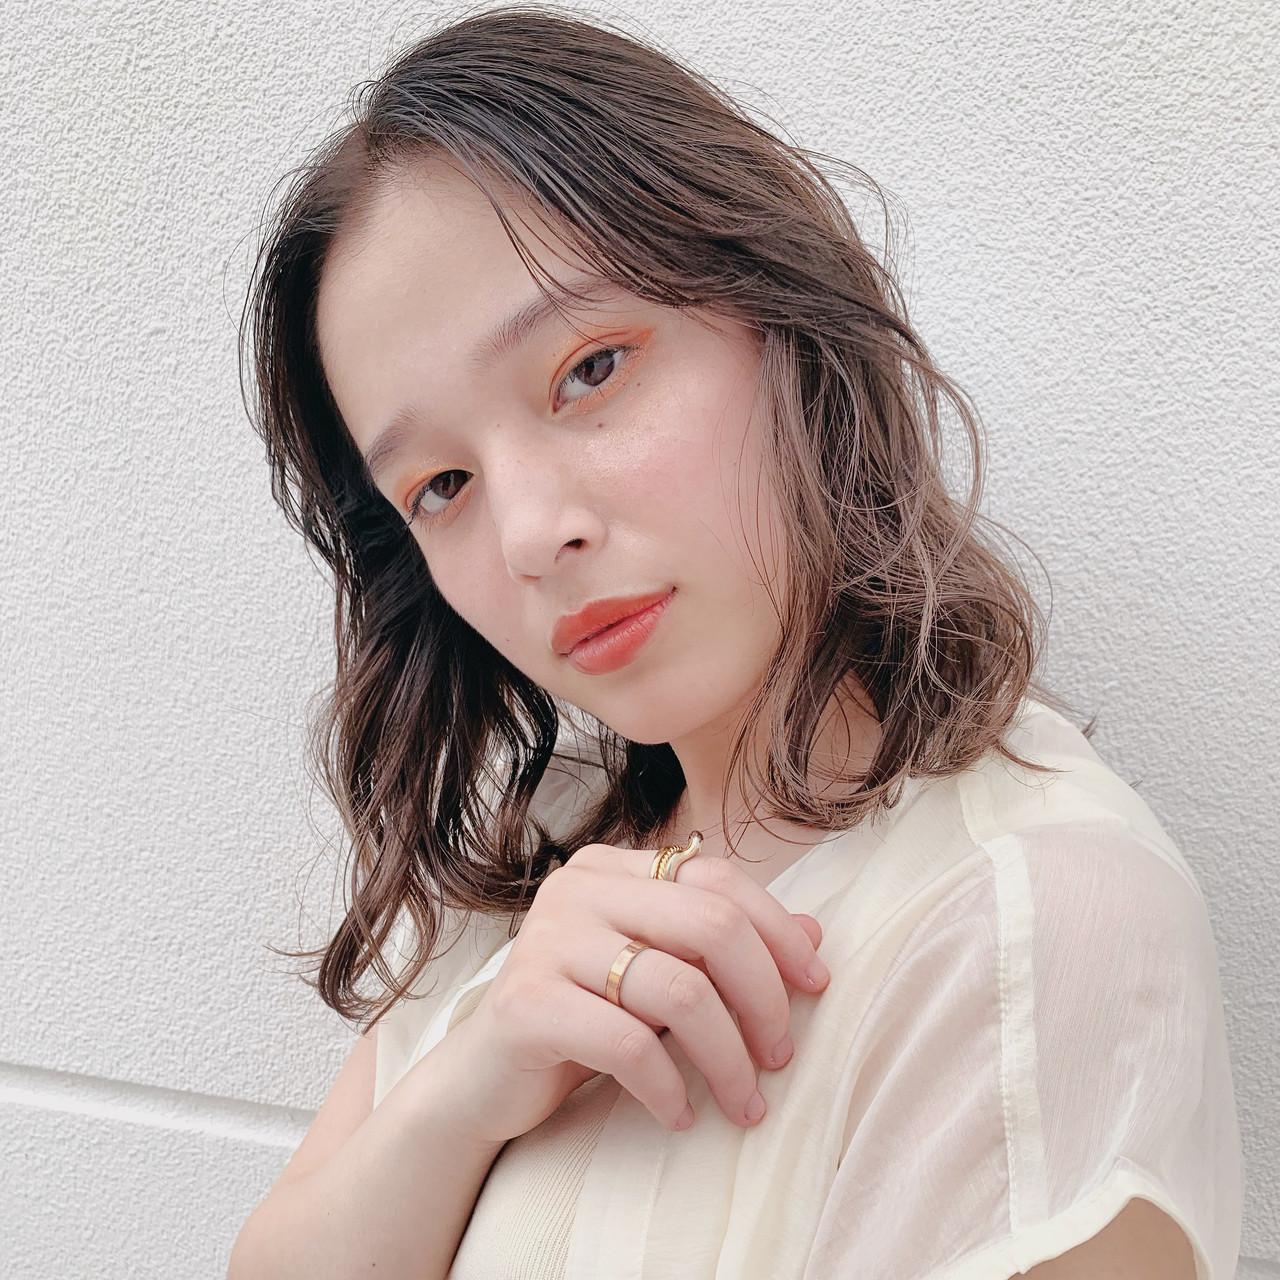 アンニュイほつれヘア 透明感カラー 外国人風カラー ナチュラル ヘアスタイルや髪型の写真・画像